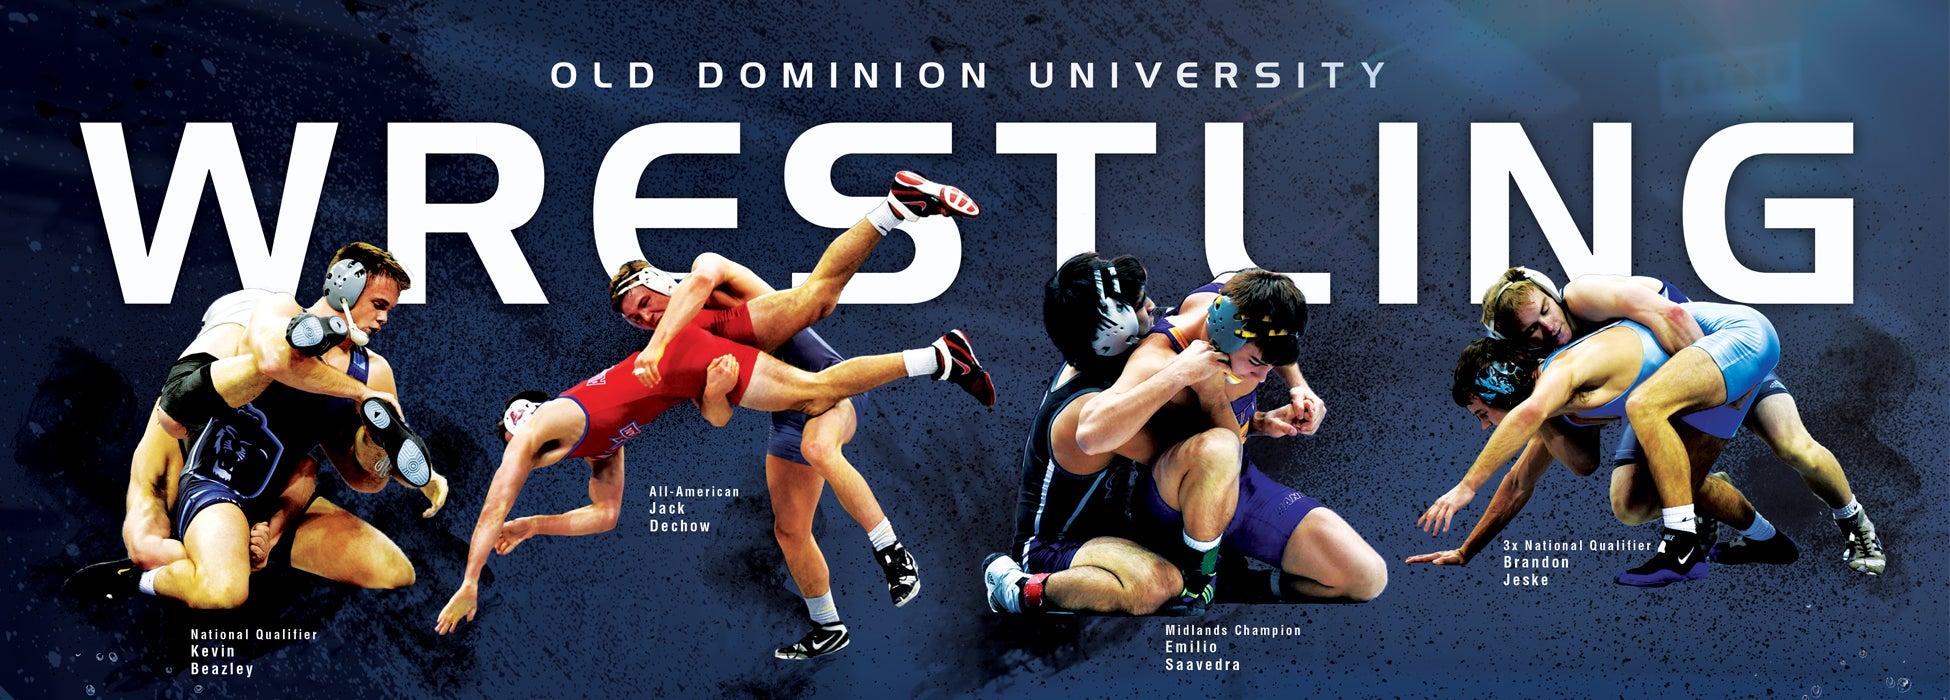 Wrestling_1950x700.jpg